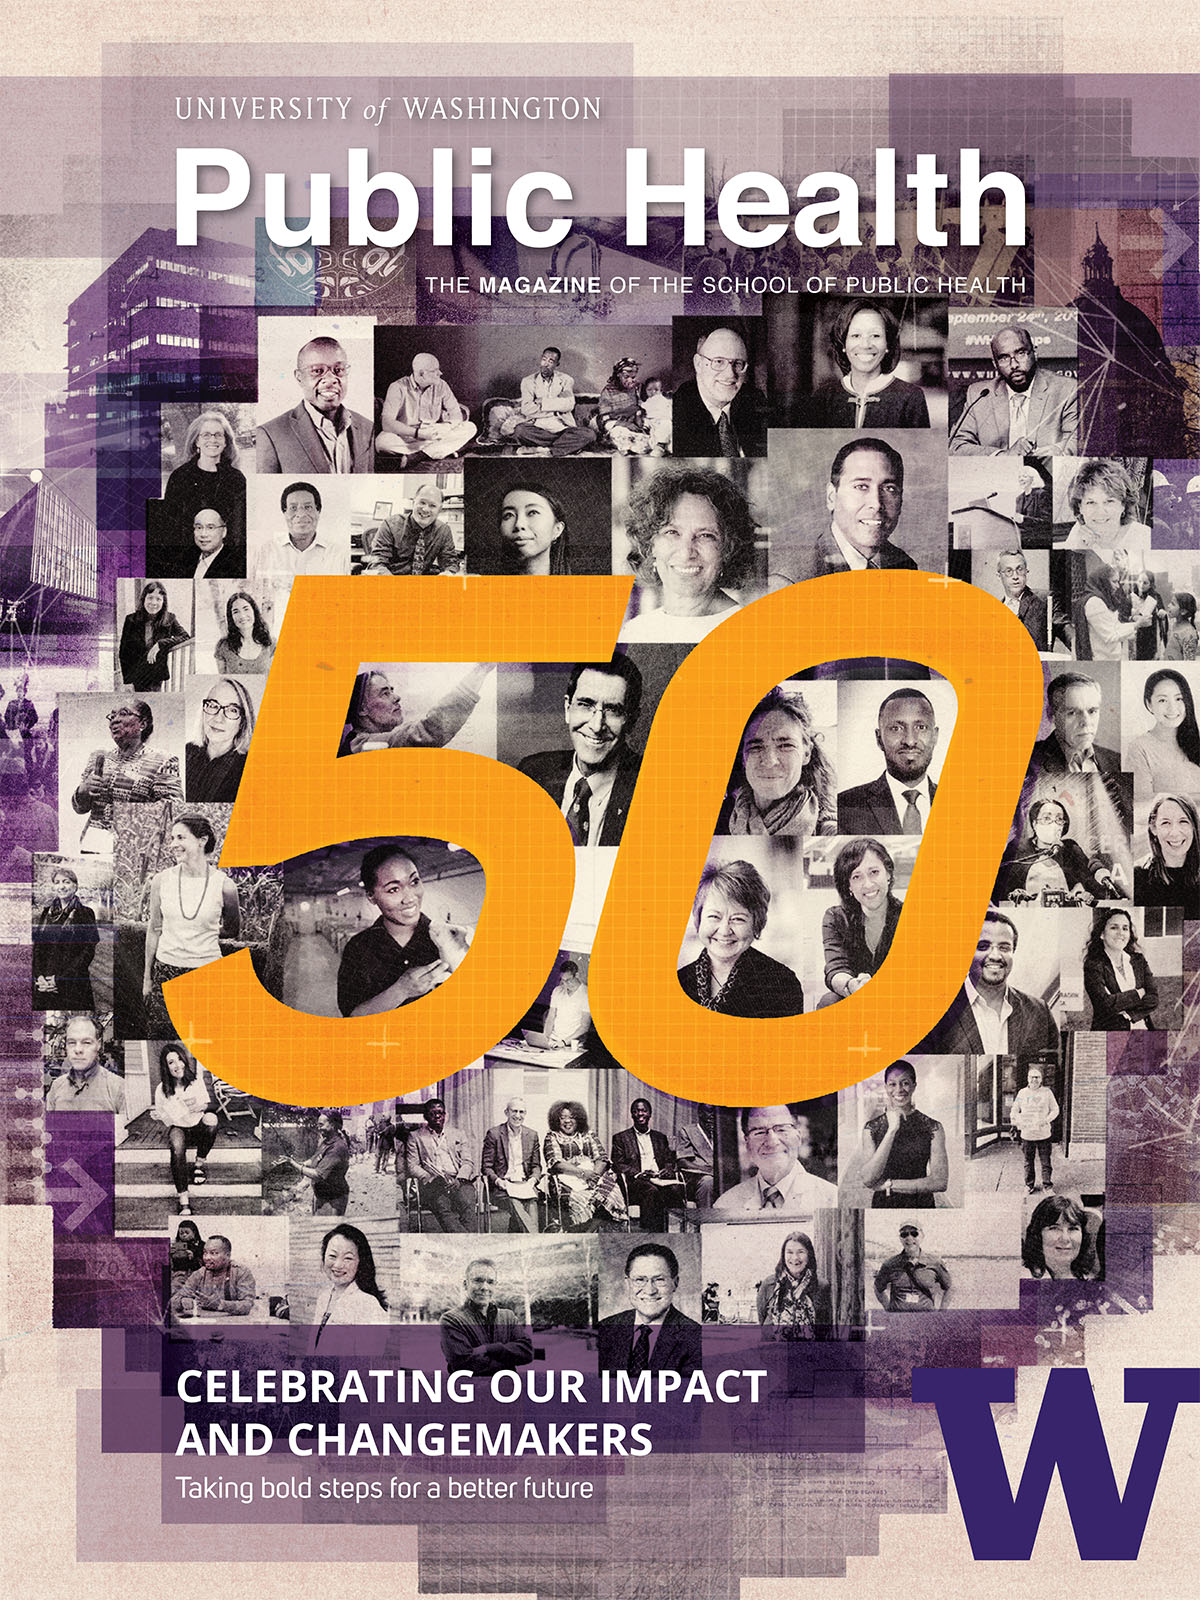 Public Health Magazine cover